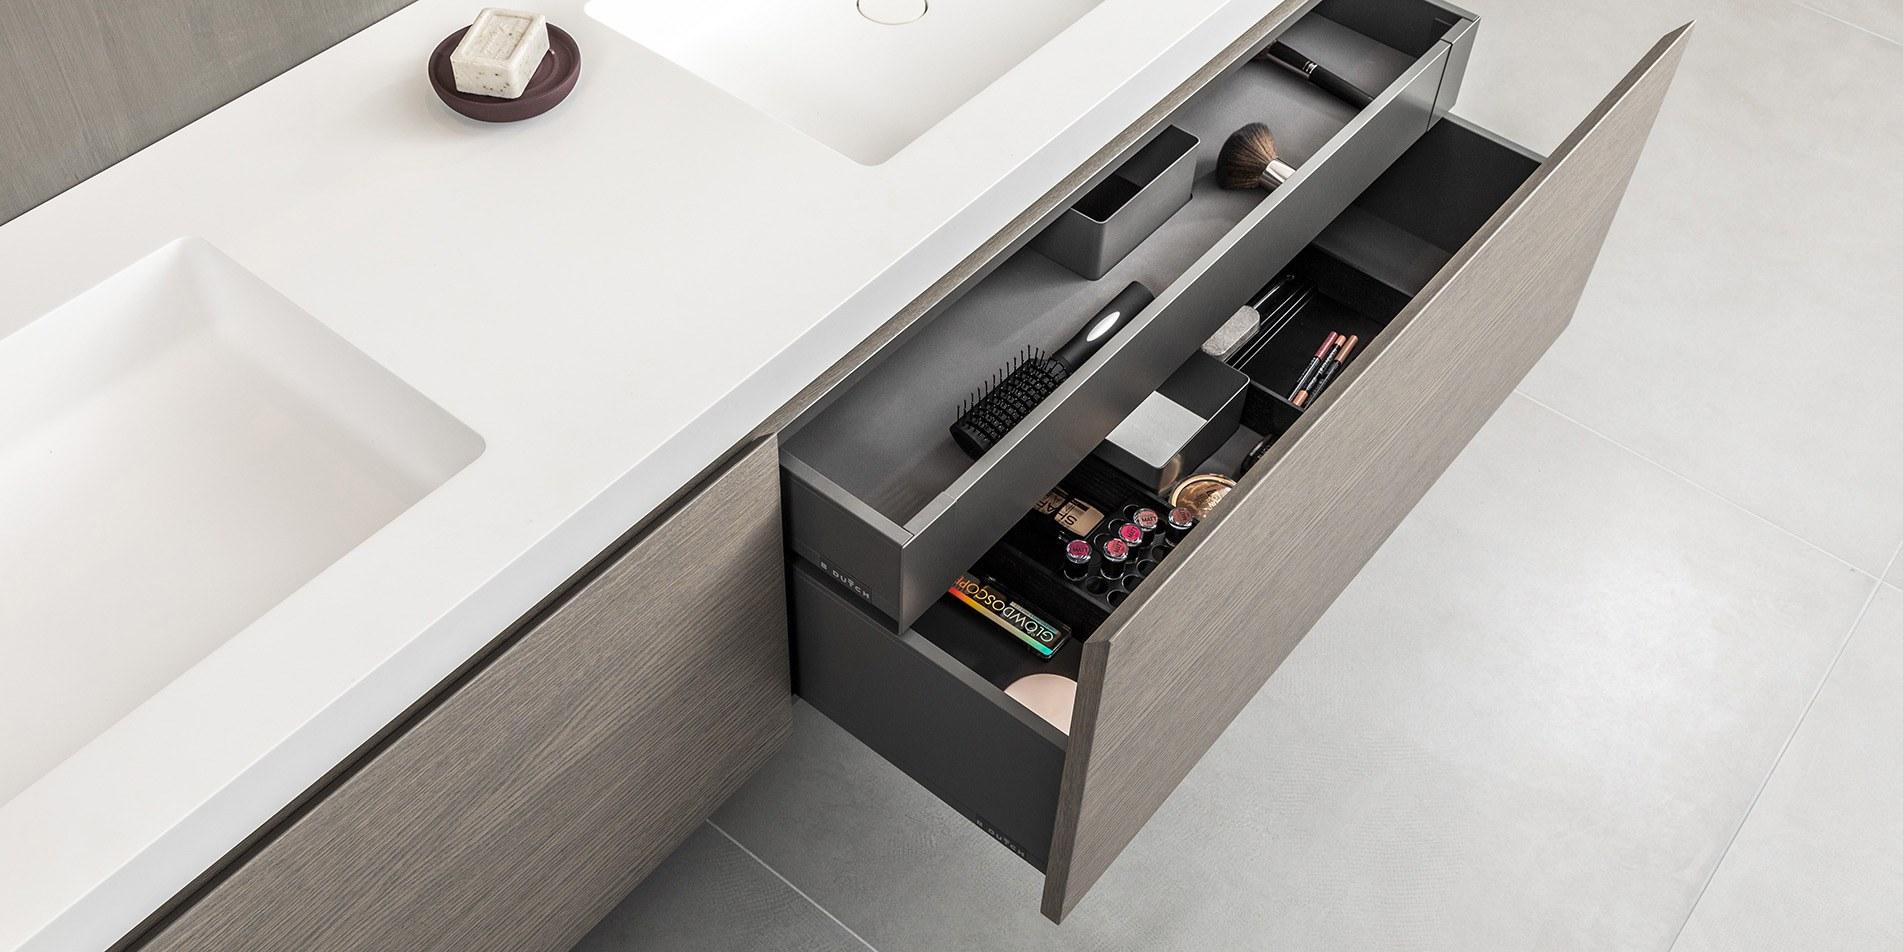 Kastindeling badkamermeubel, wastafel kast B DUTCH. Design badmeubelen. Diverse materialen, ook maatwerk en volledig van Solid Surface Corian badmeubel.